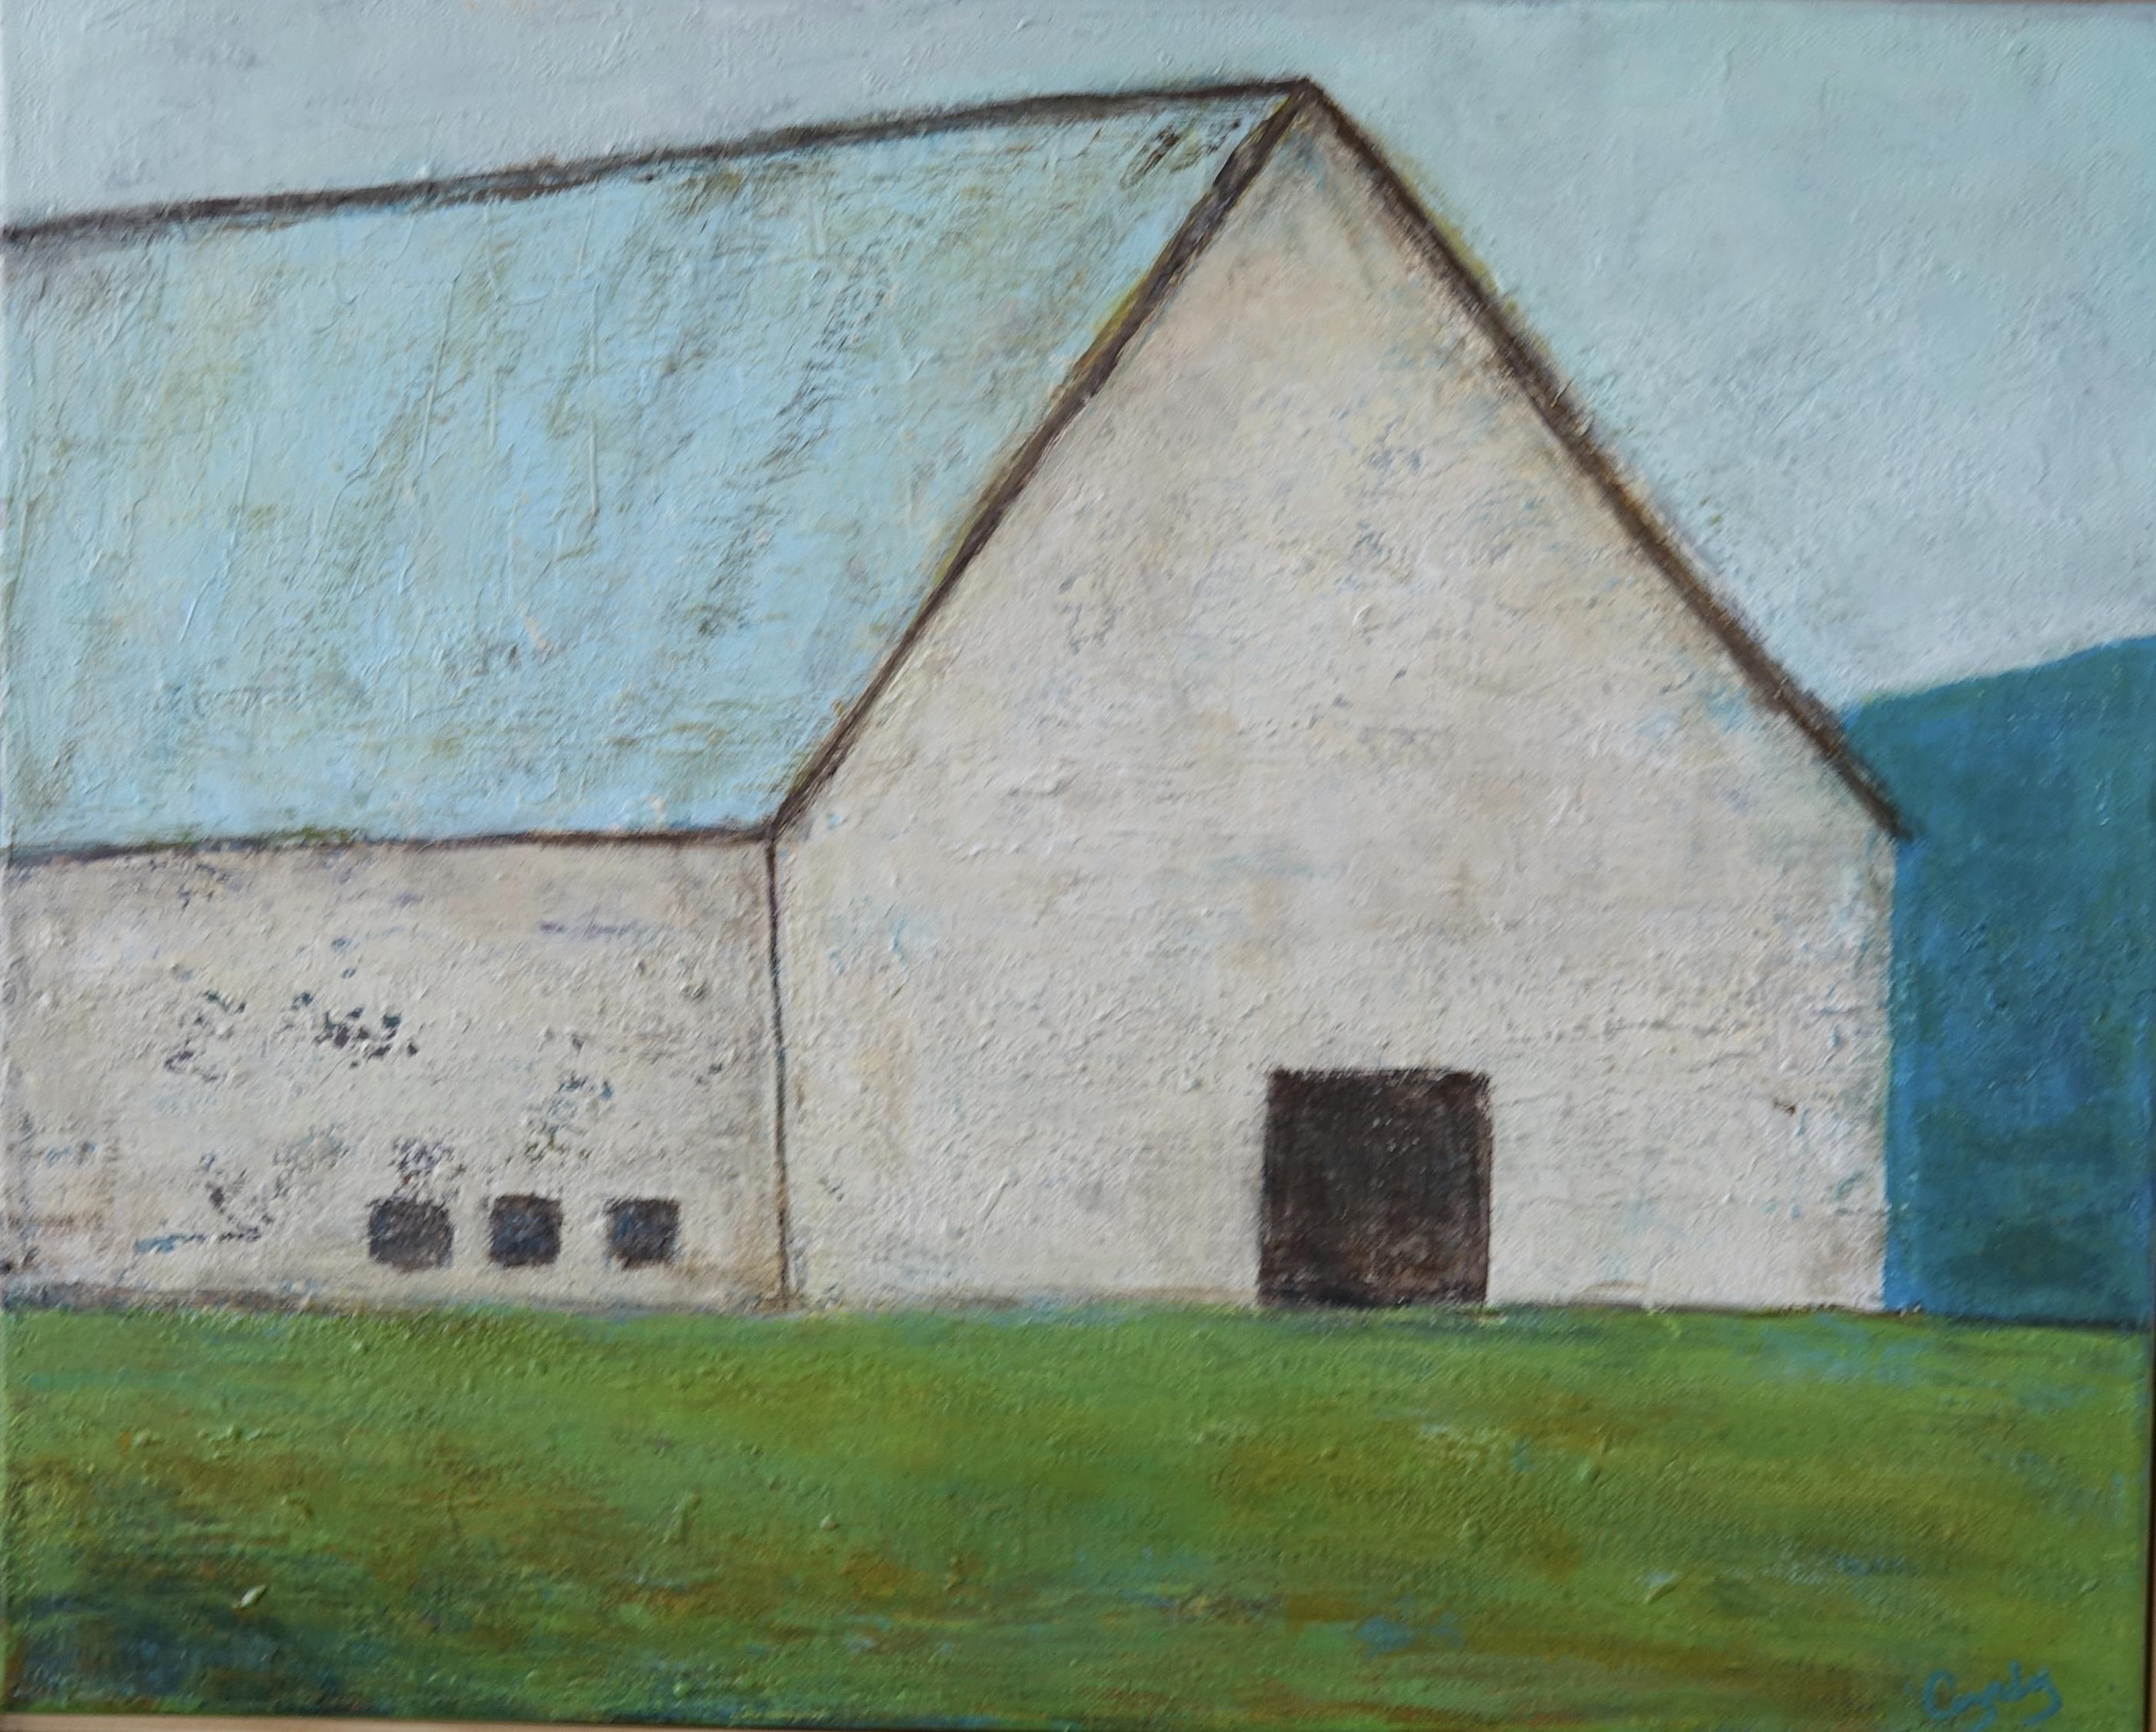 White Barn, Blue Roof